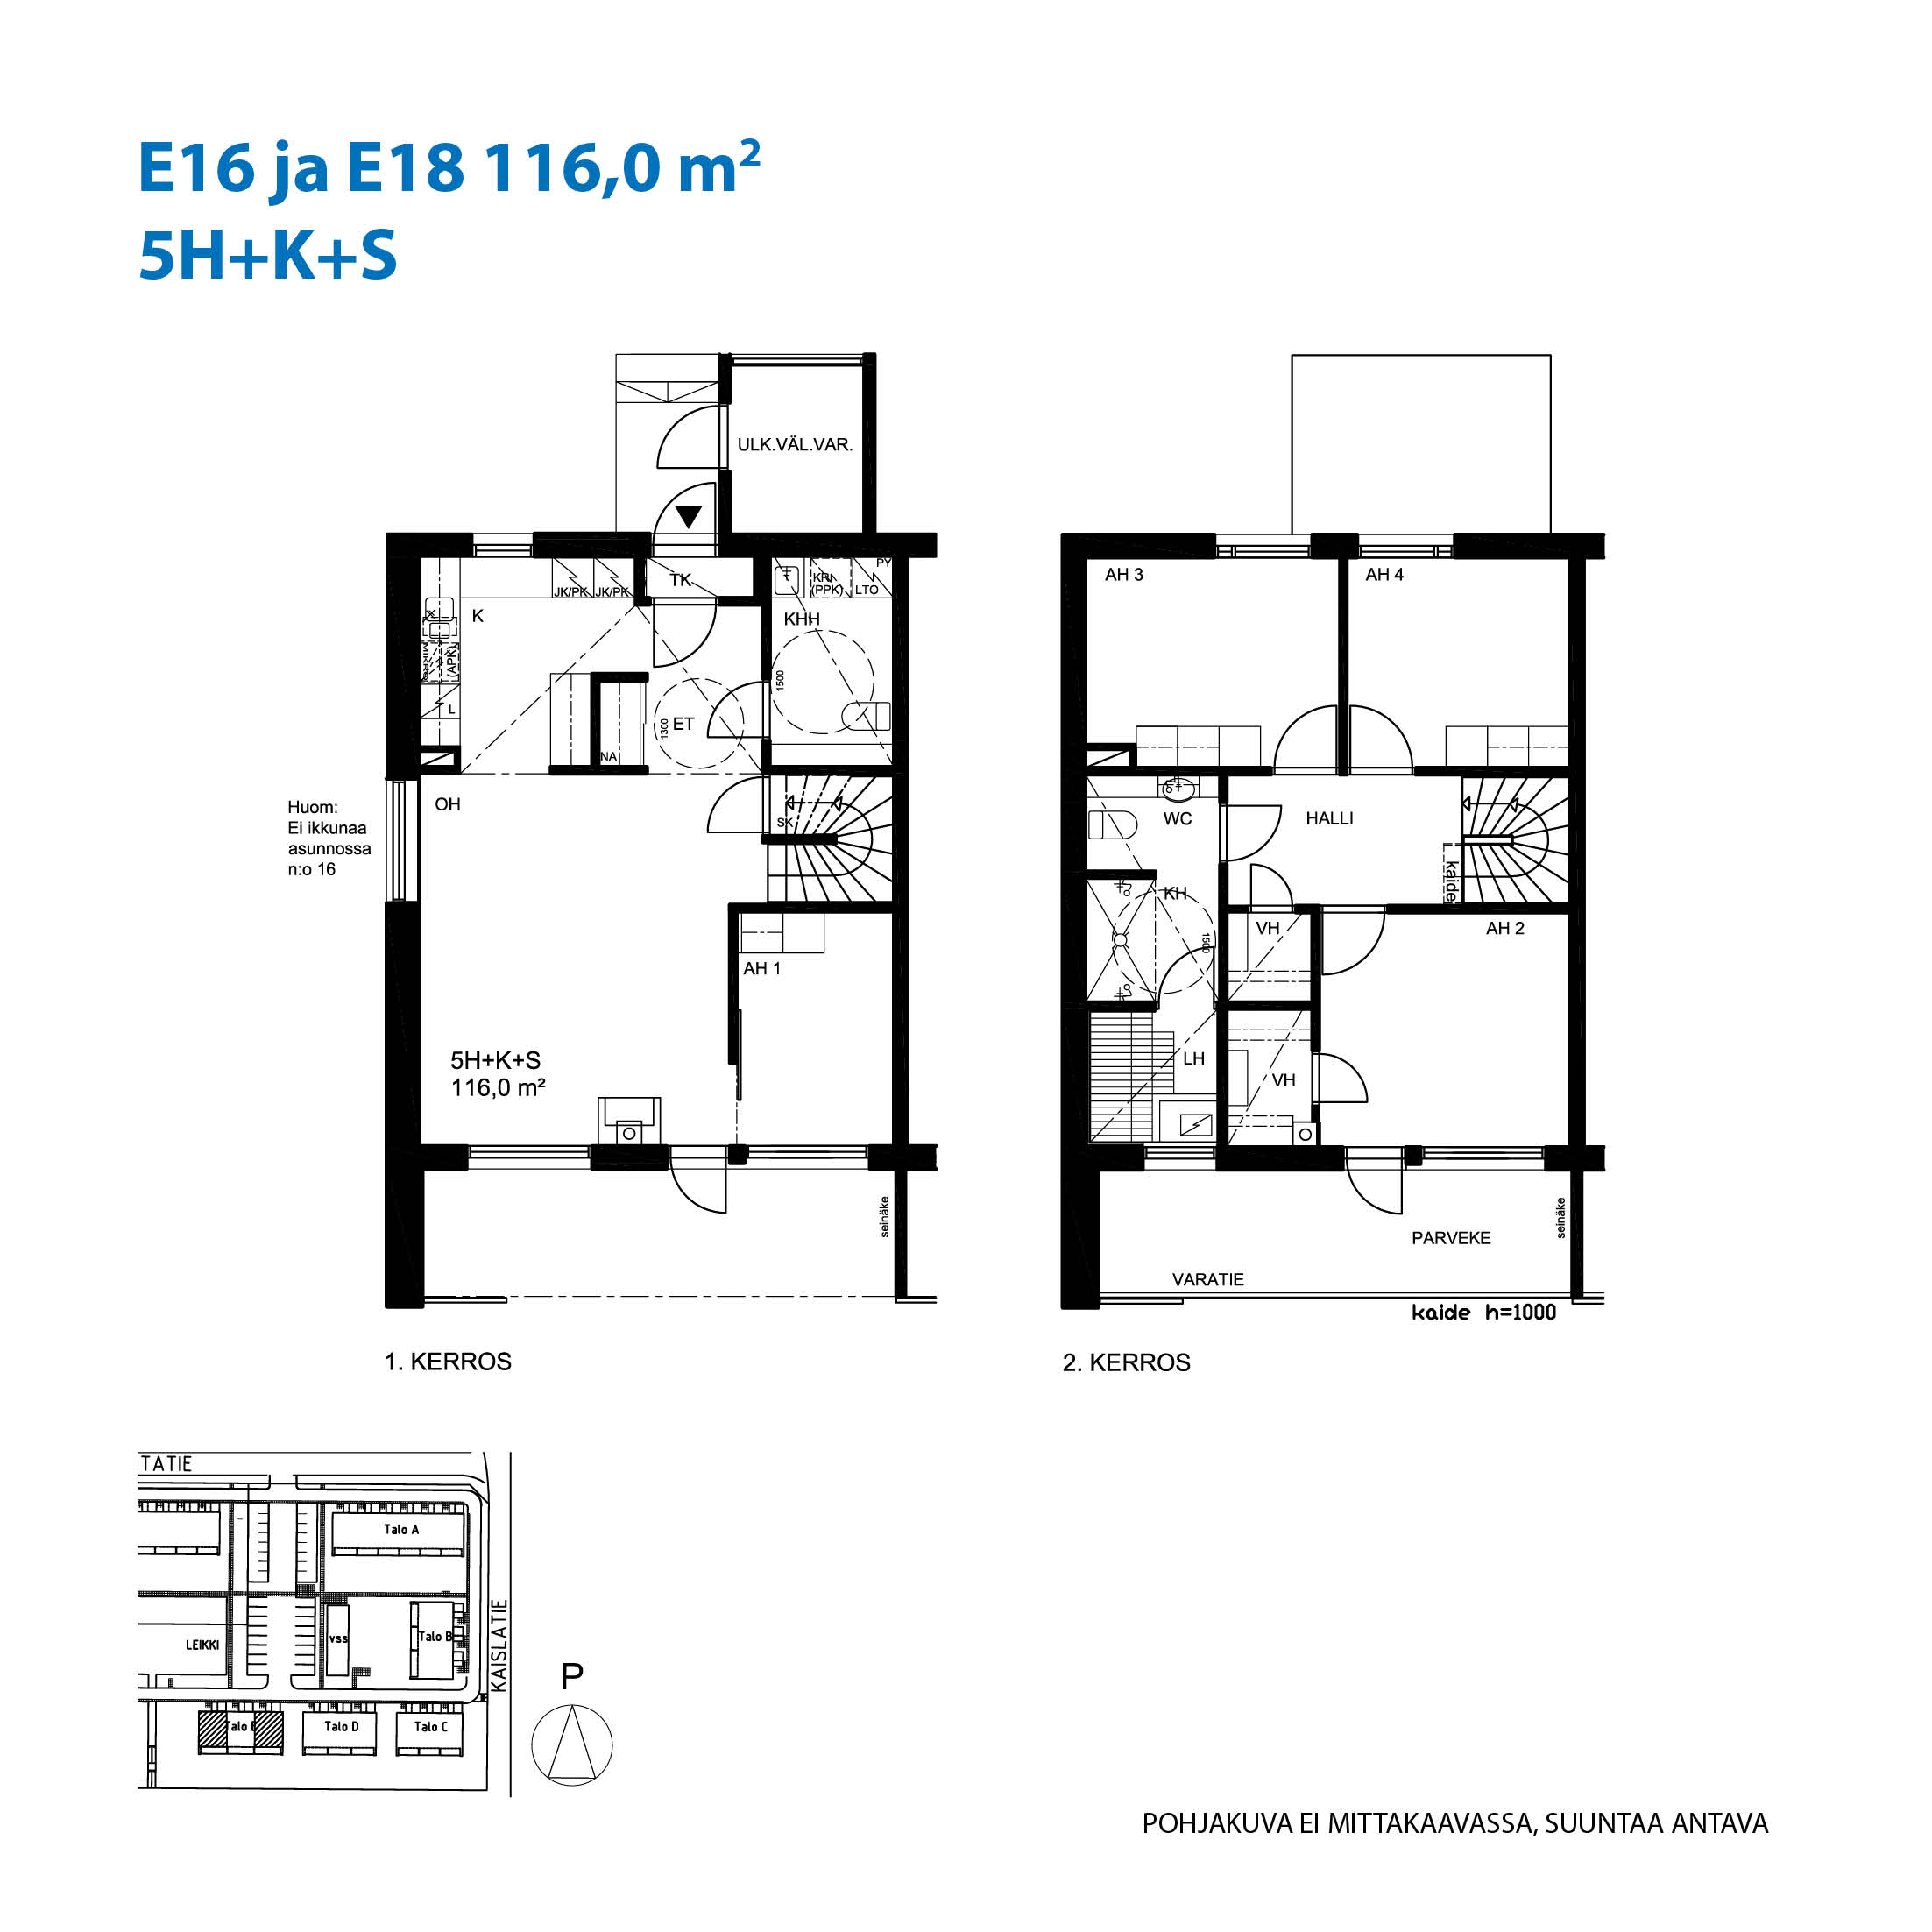 E16, 116.0 m<sup>2</sup>, 5H+K+S